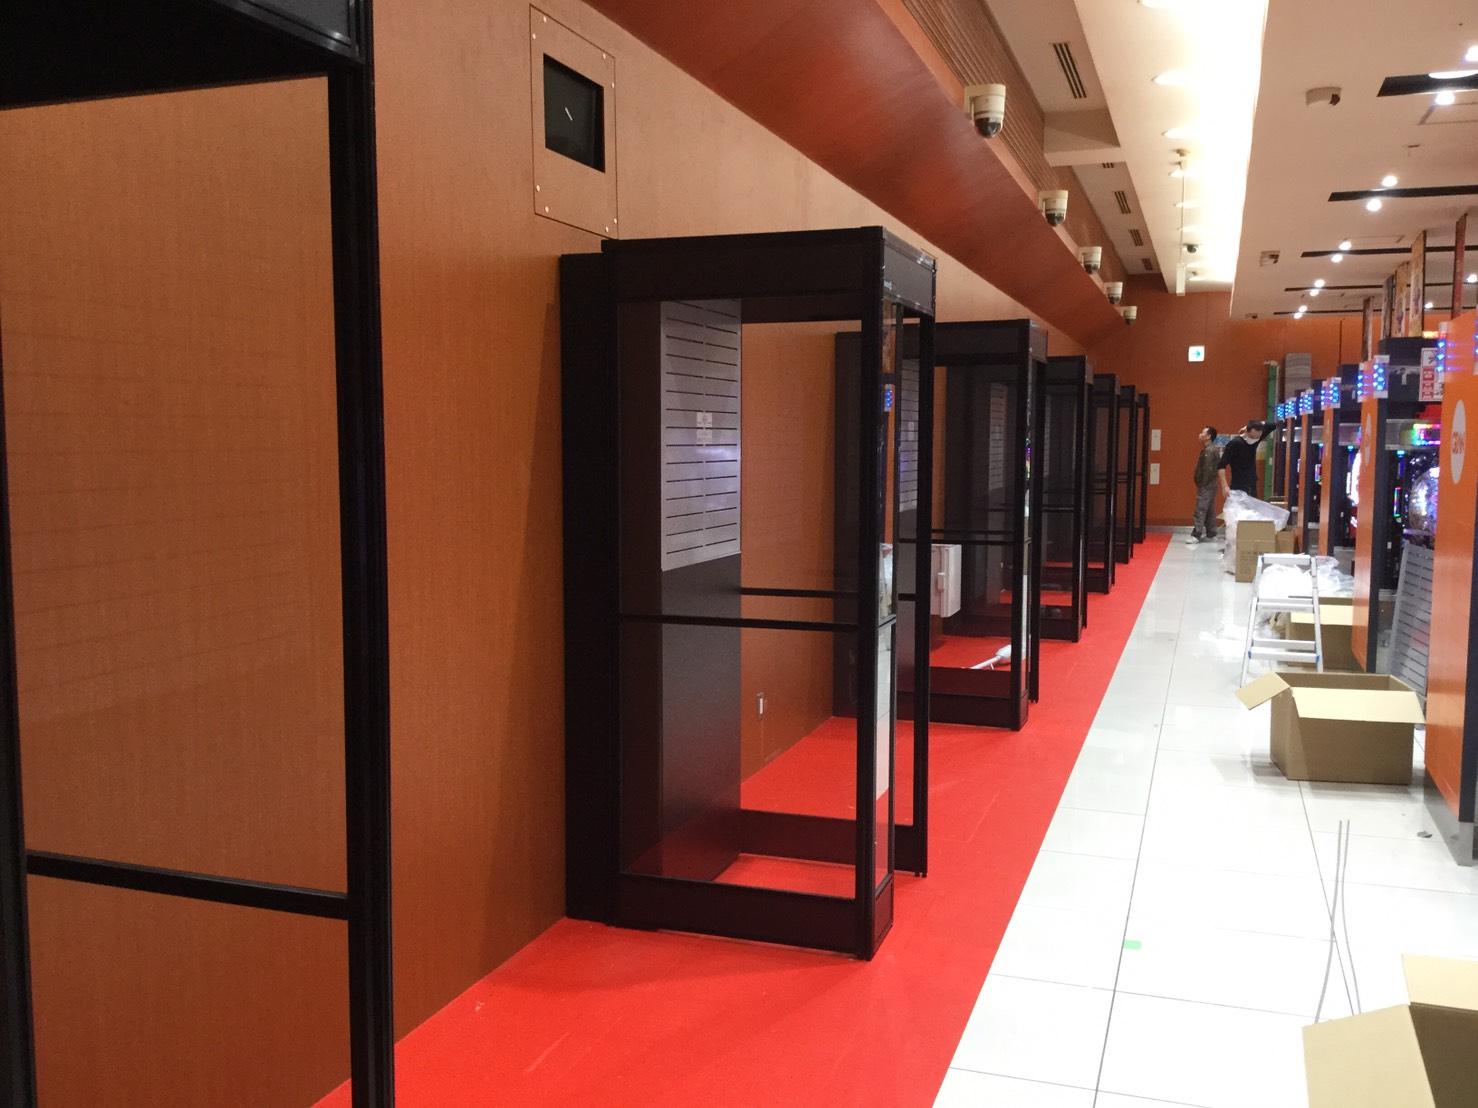 4.1からの東京都受動喫煙防止条例に先駆け、全店に「喫煙専用室」を設置